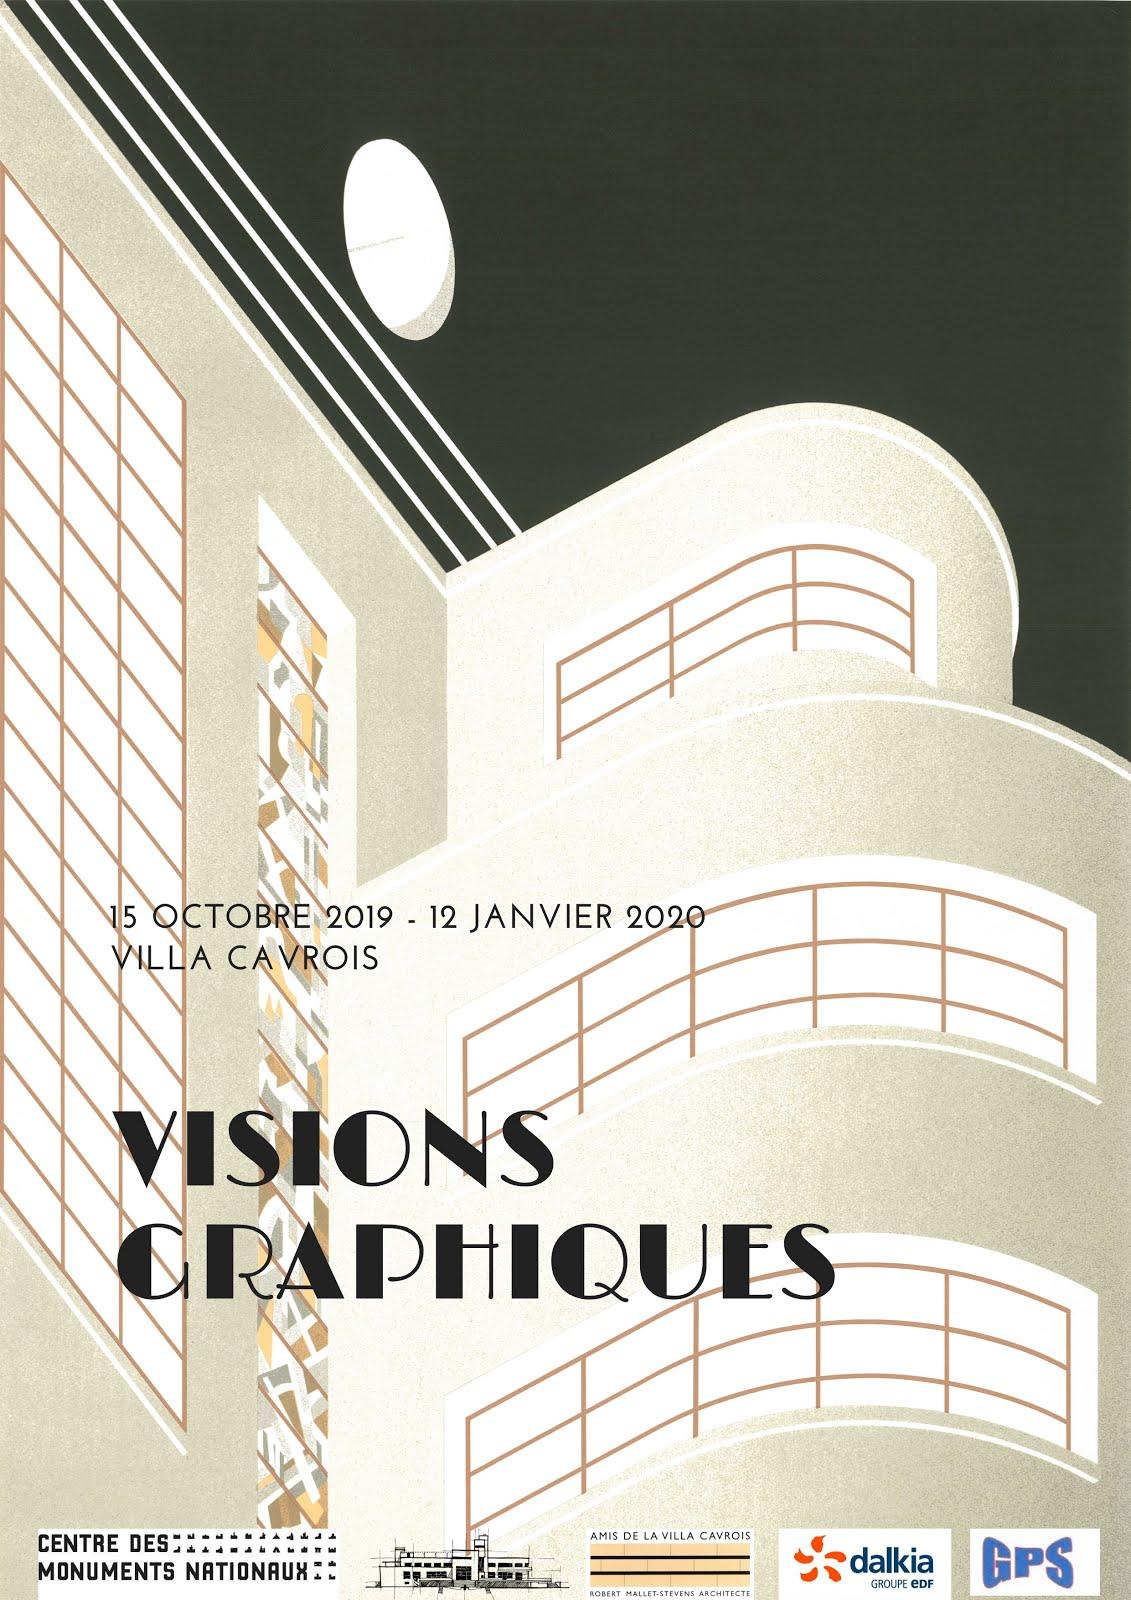 Visions graphiques